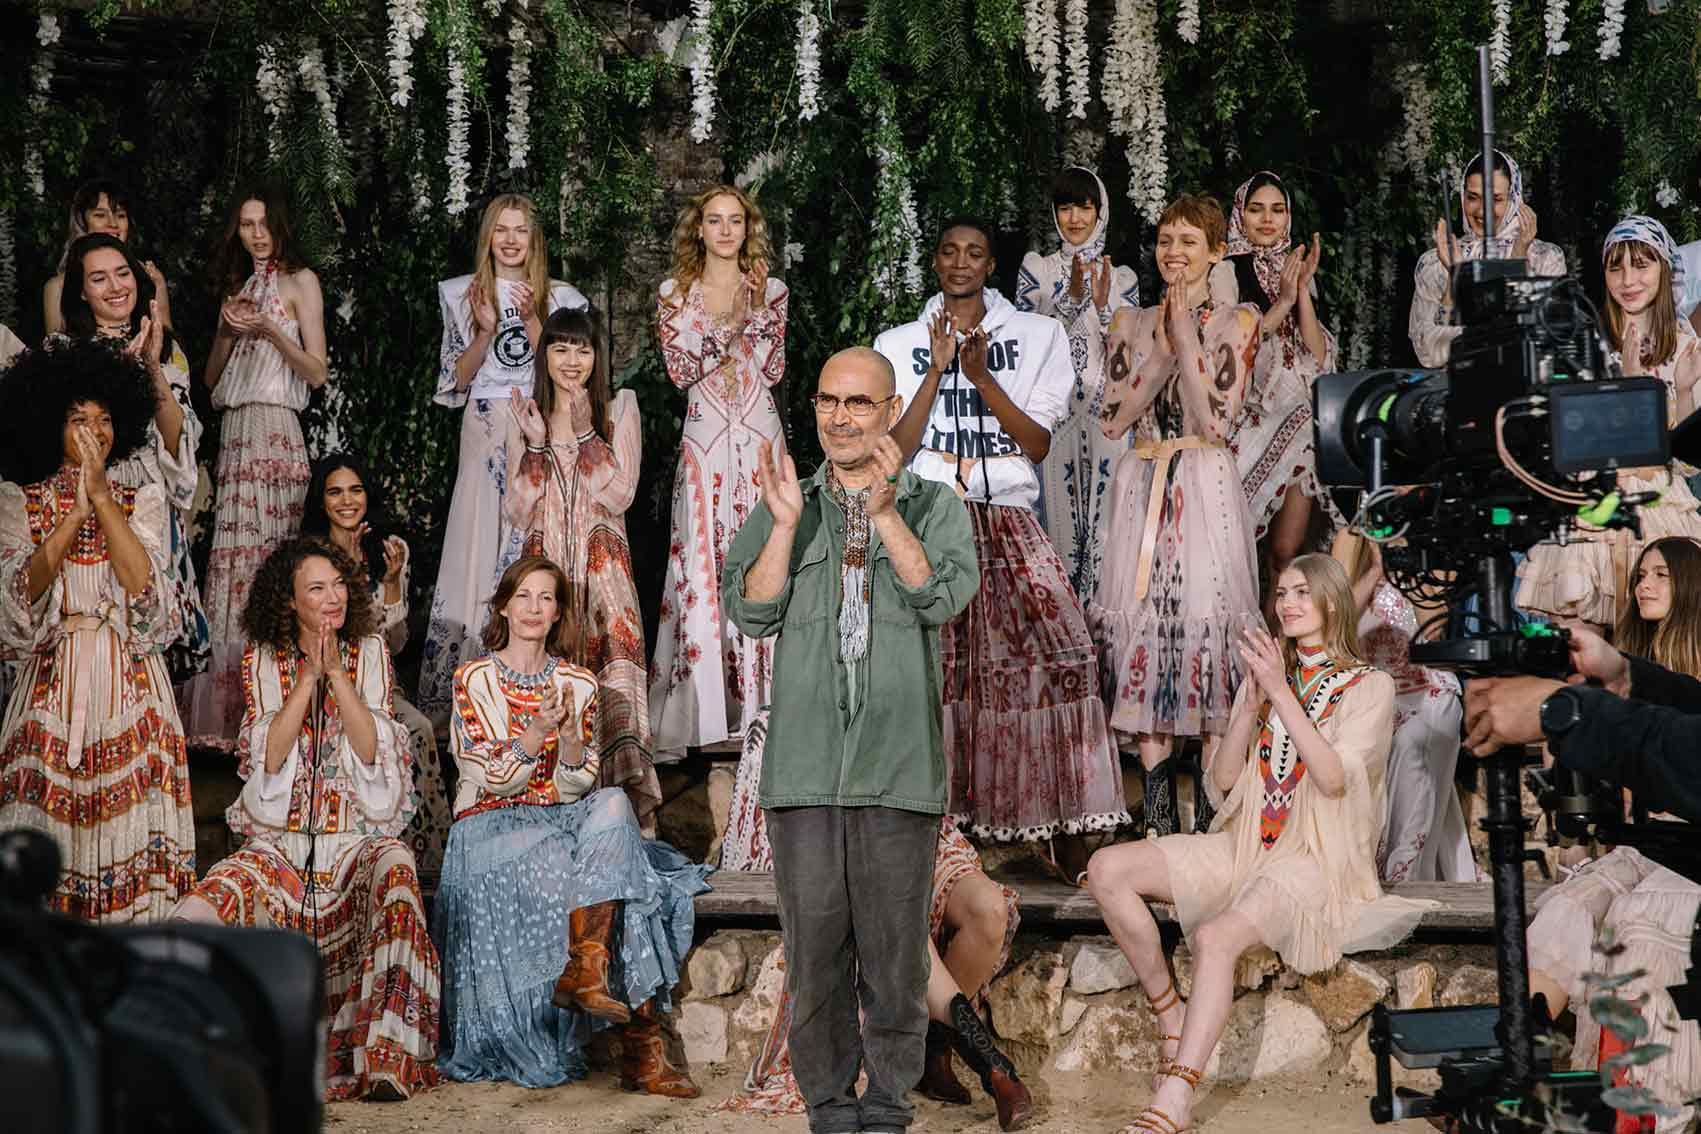 """אופנהויוי בלאיש, קולקציית Sign Of The Times בשבוע האופנה קורנית ת""""א. צילום: אורית פניני-כתבות-אופנה"""